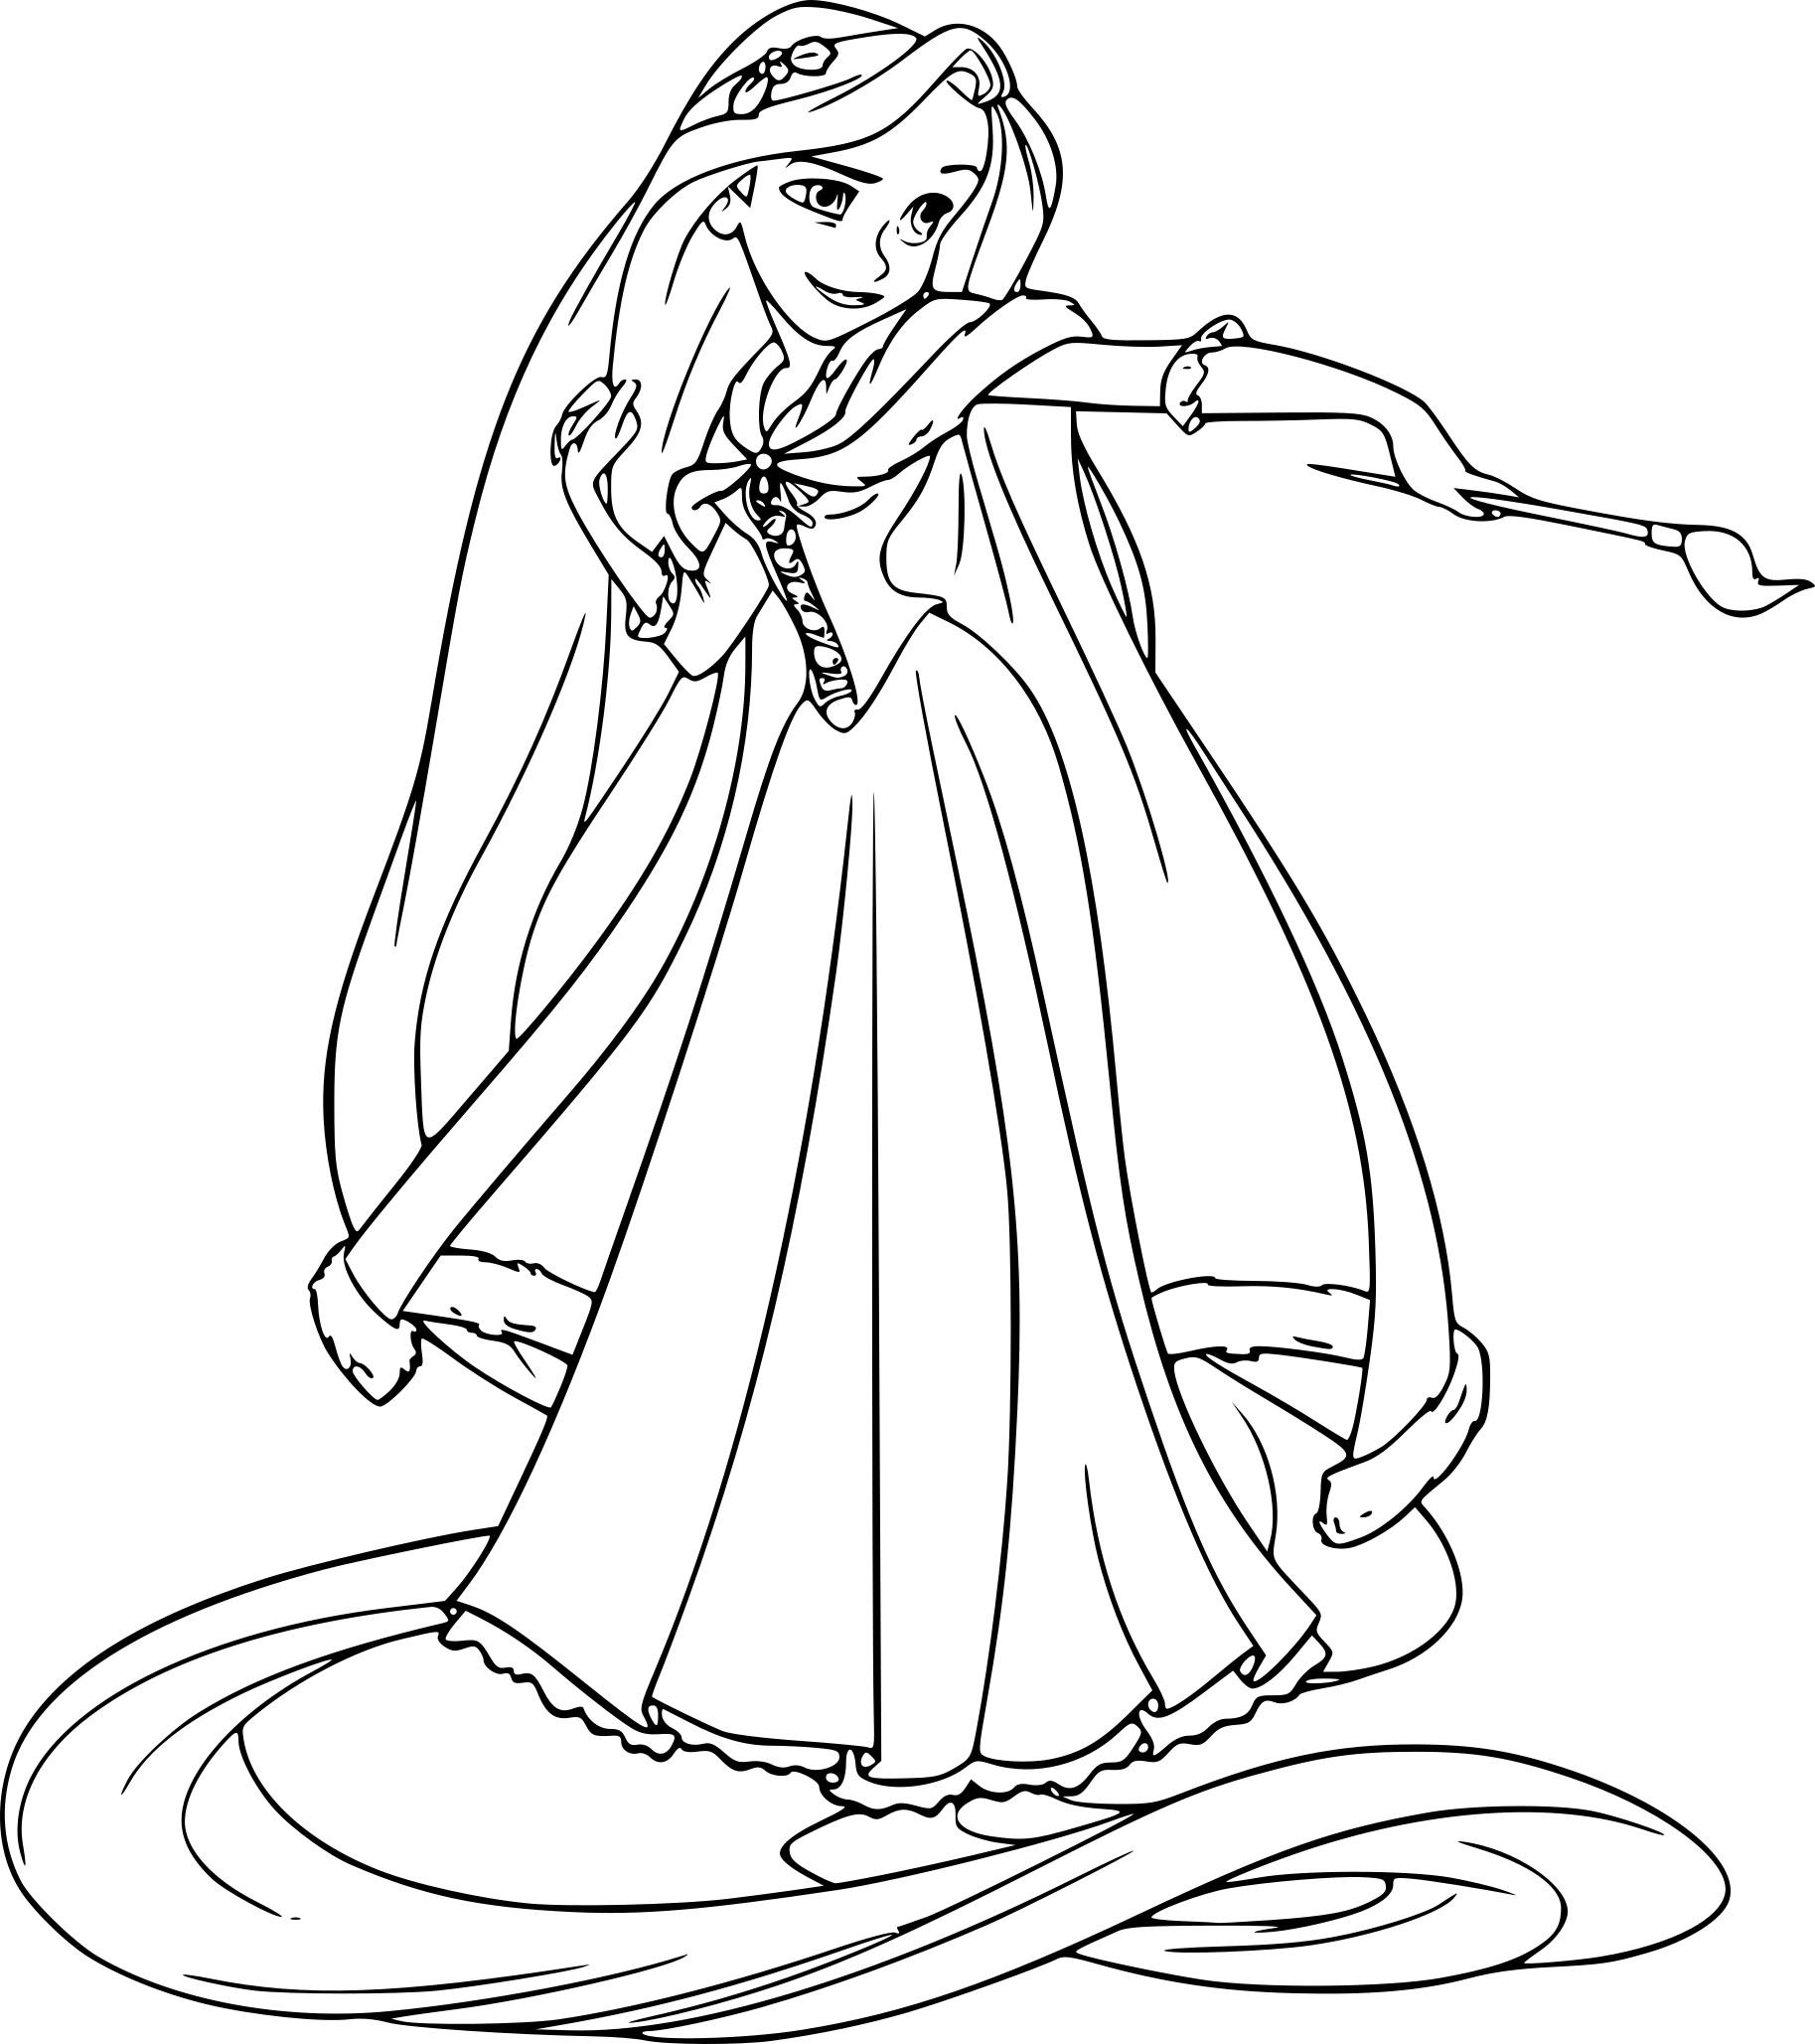 Meilleur de dessins a imprimer princesse raiponce - Coloriage raiponce ...